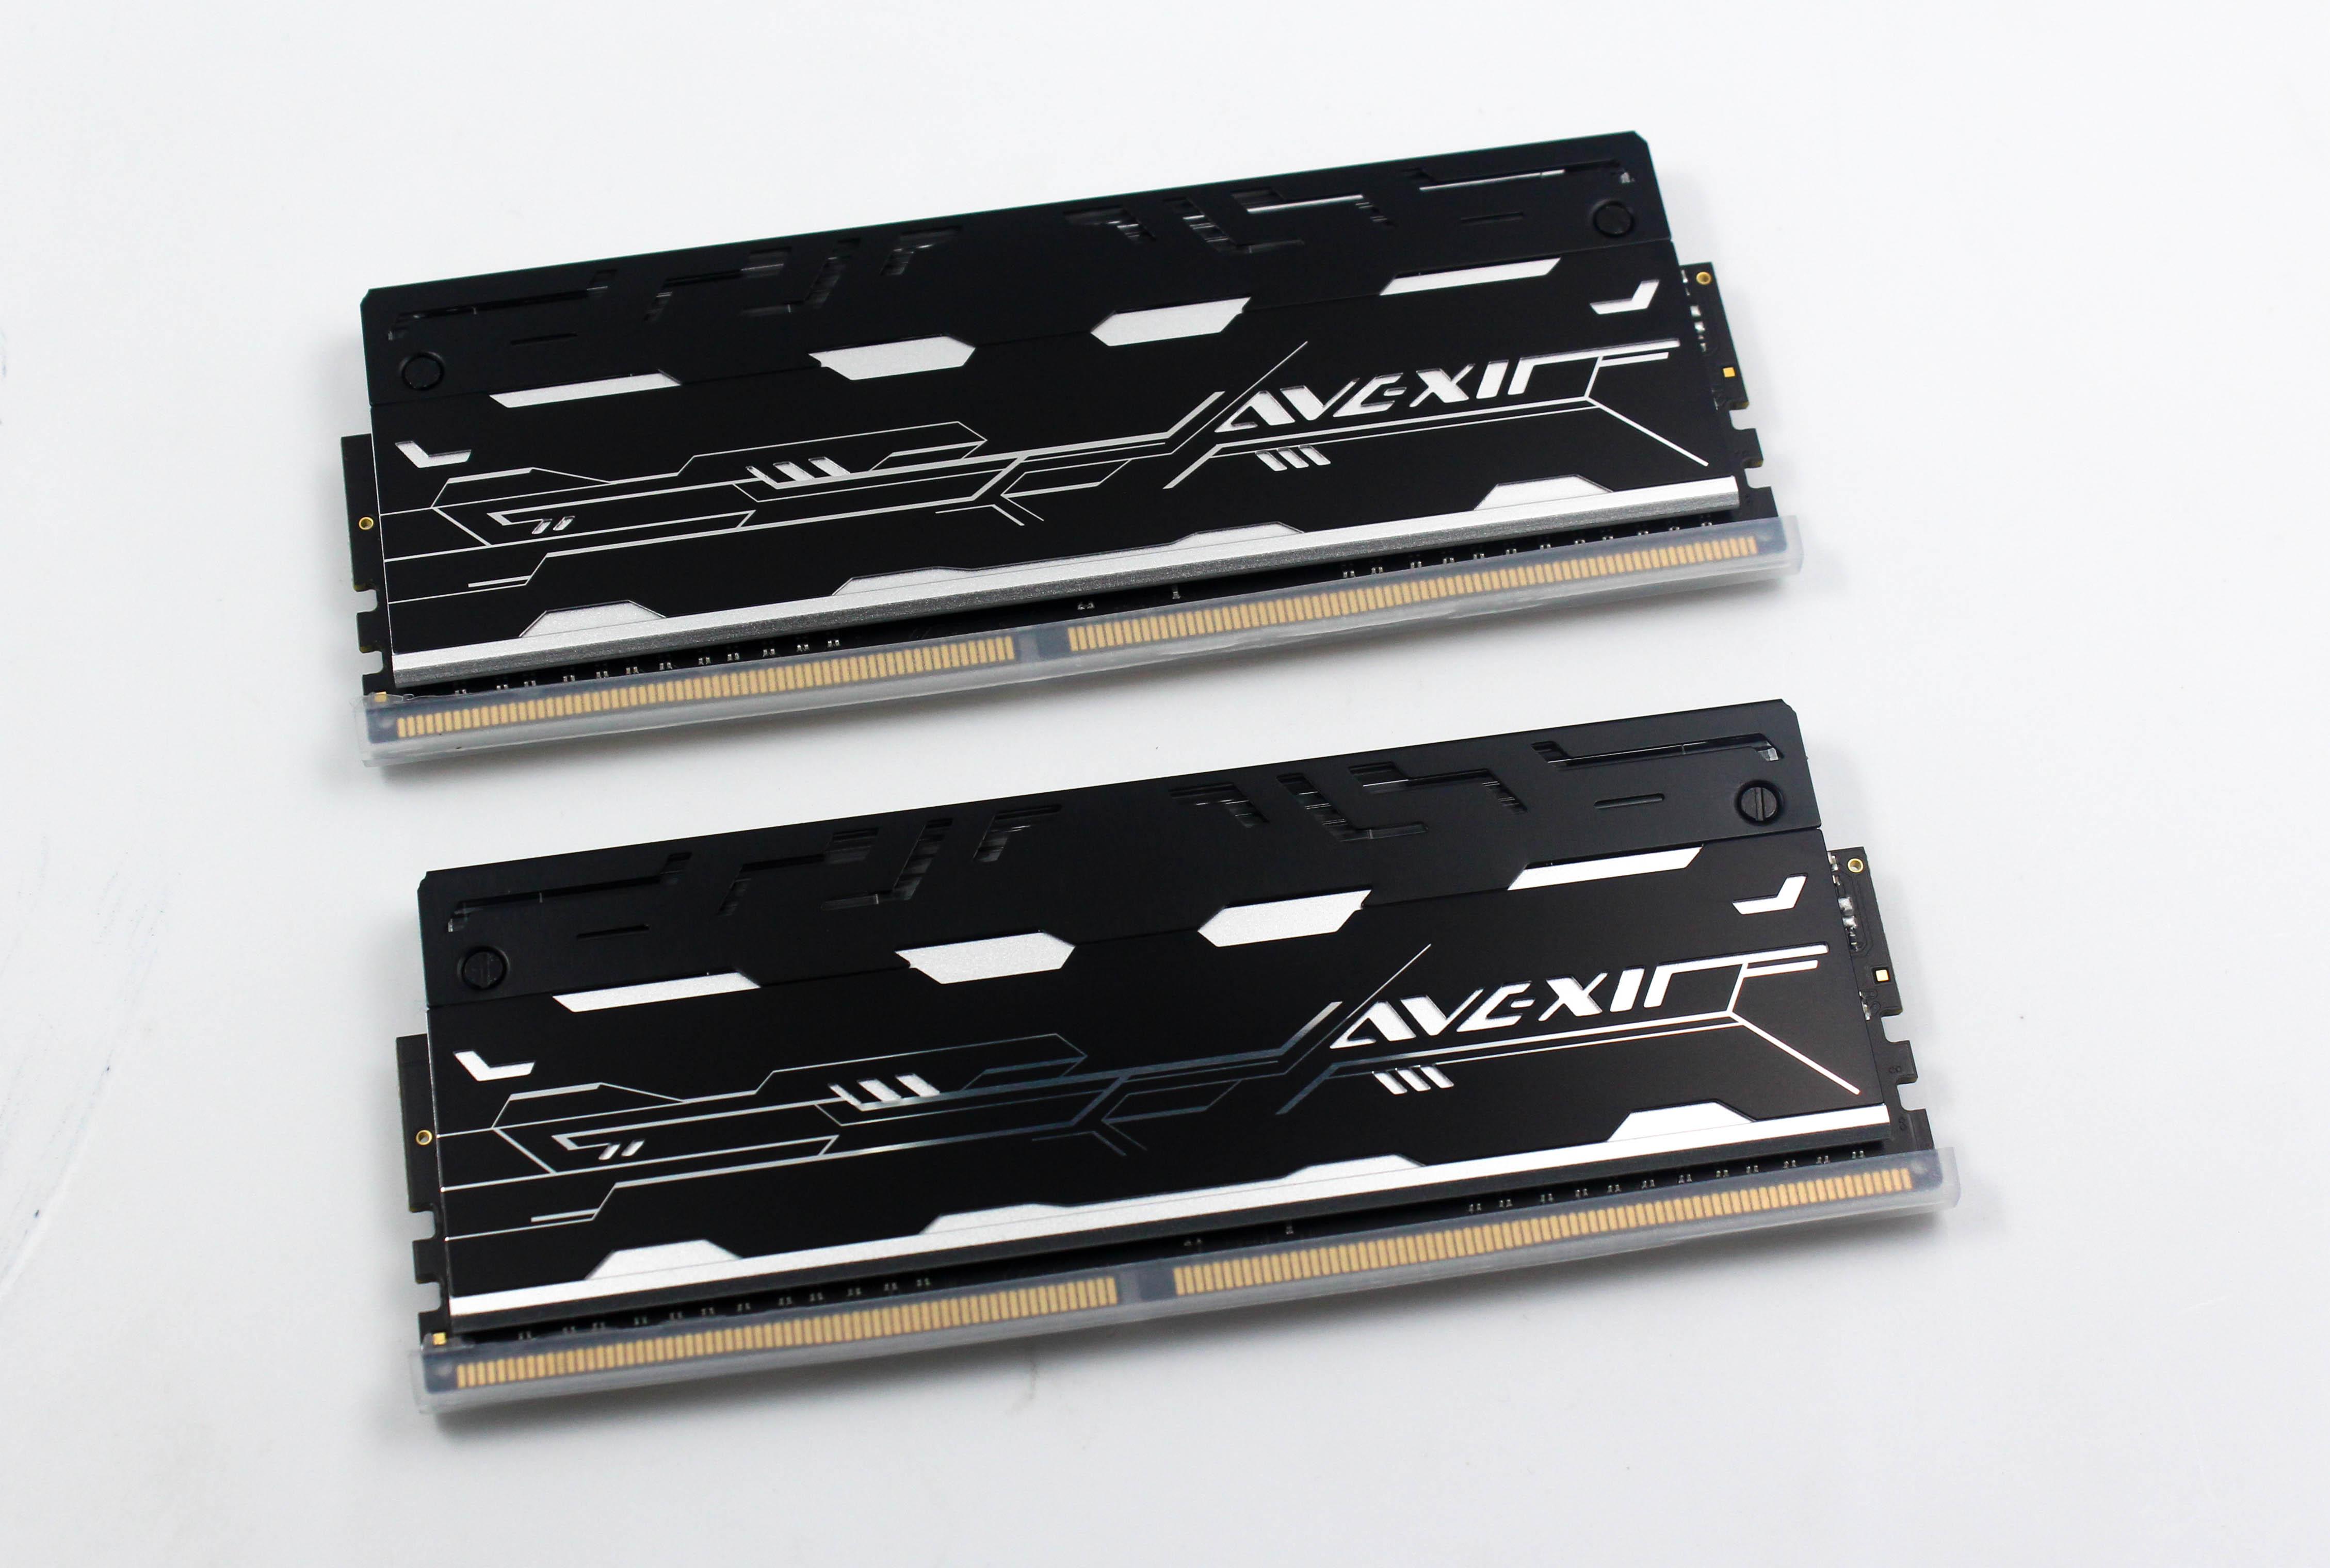 RAM Avexir